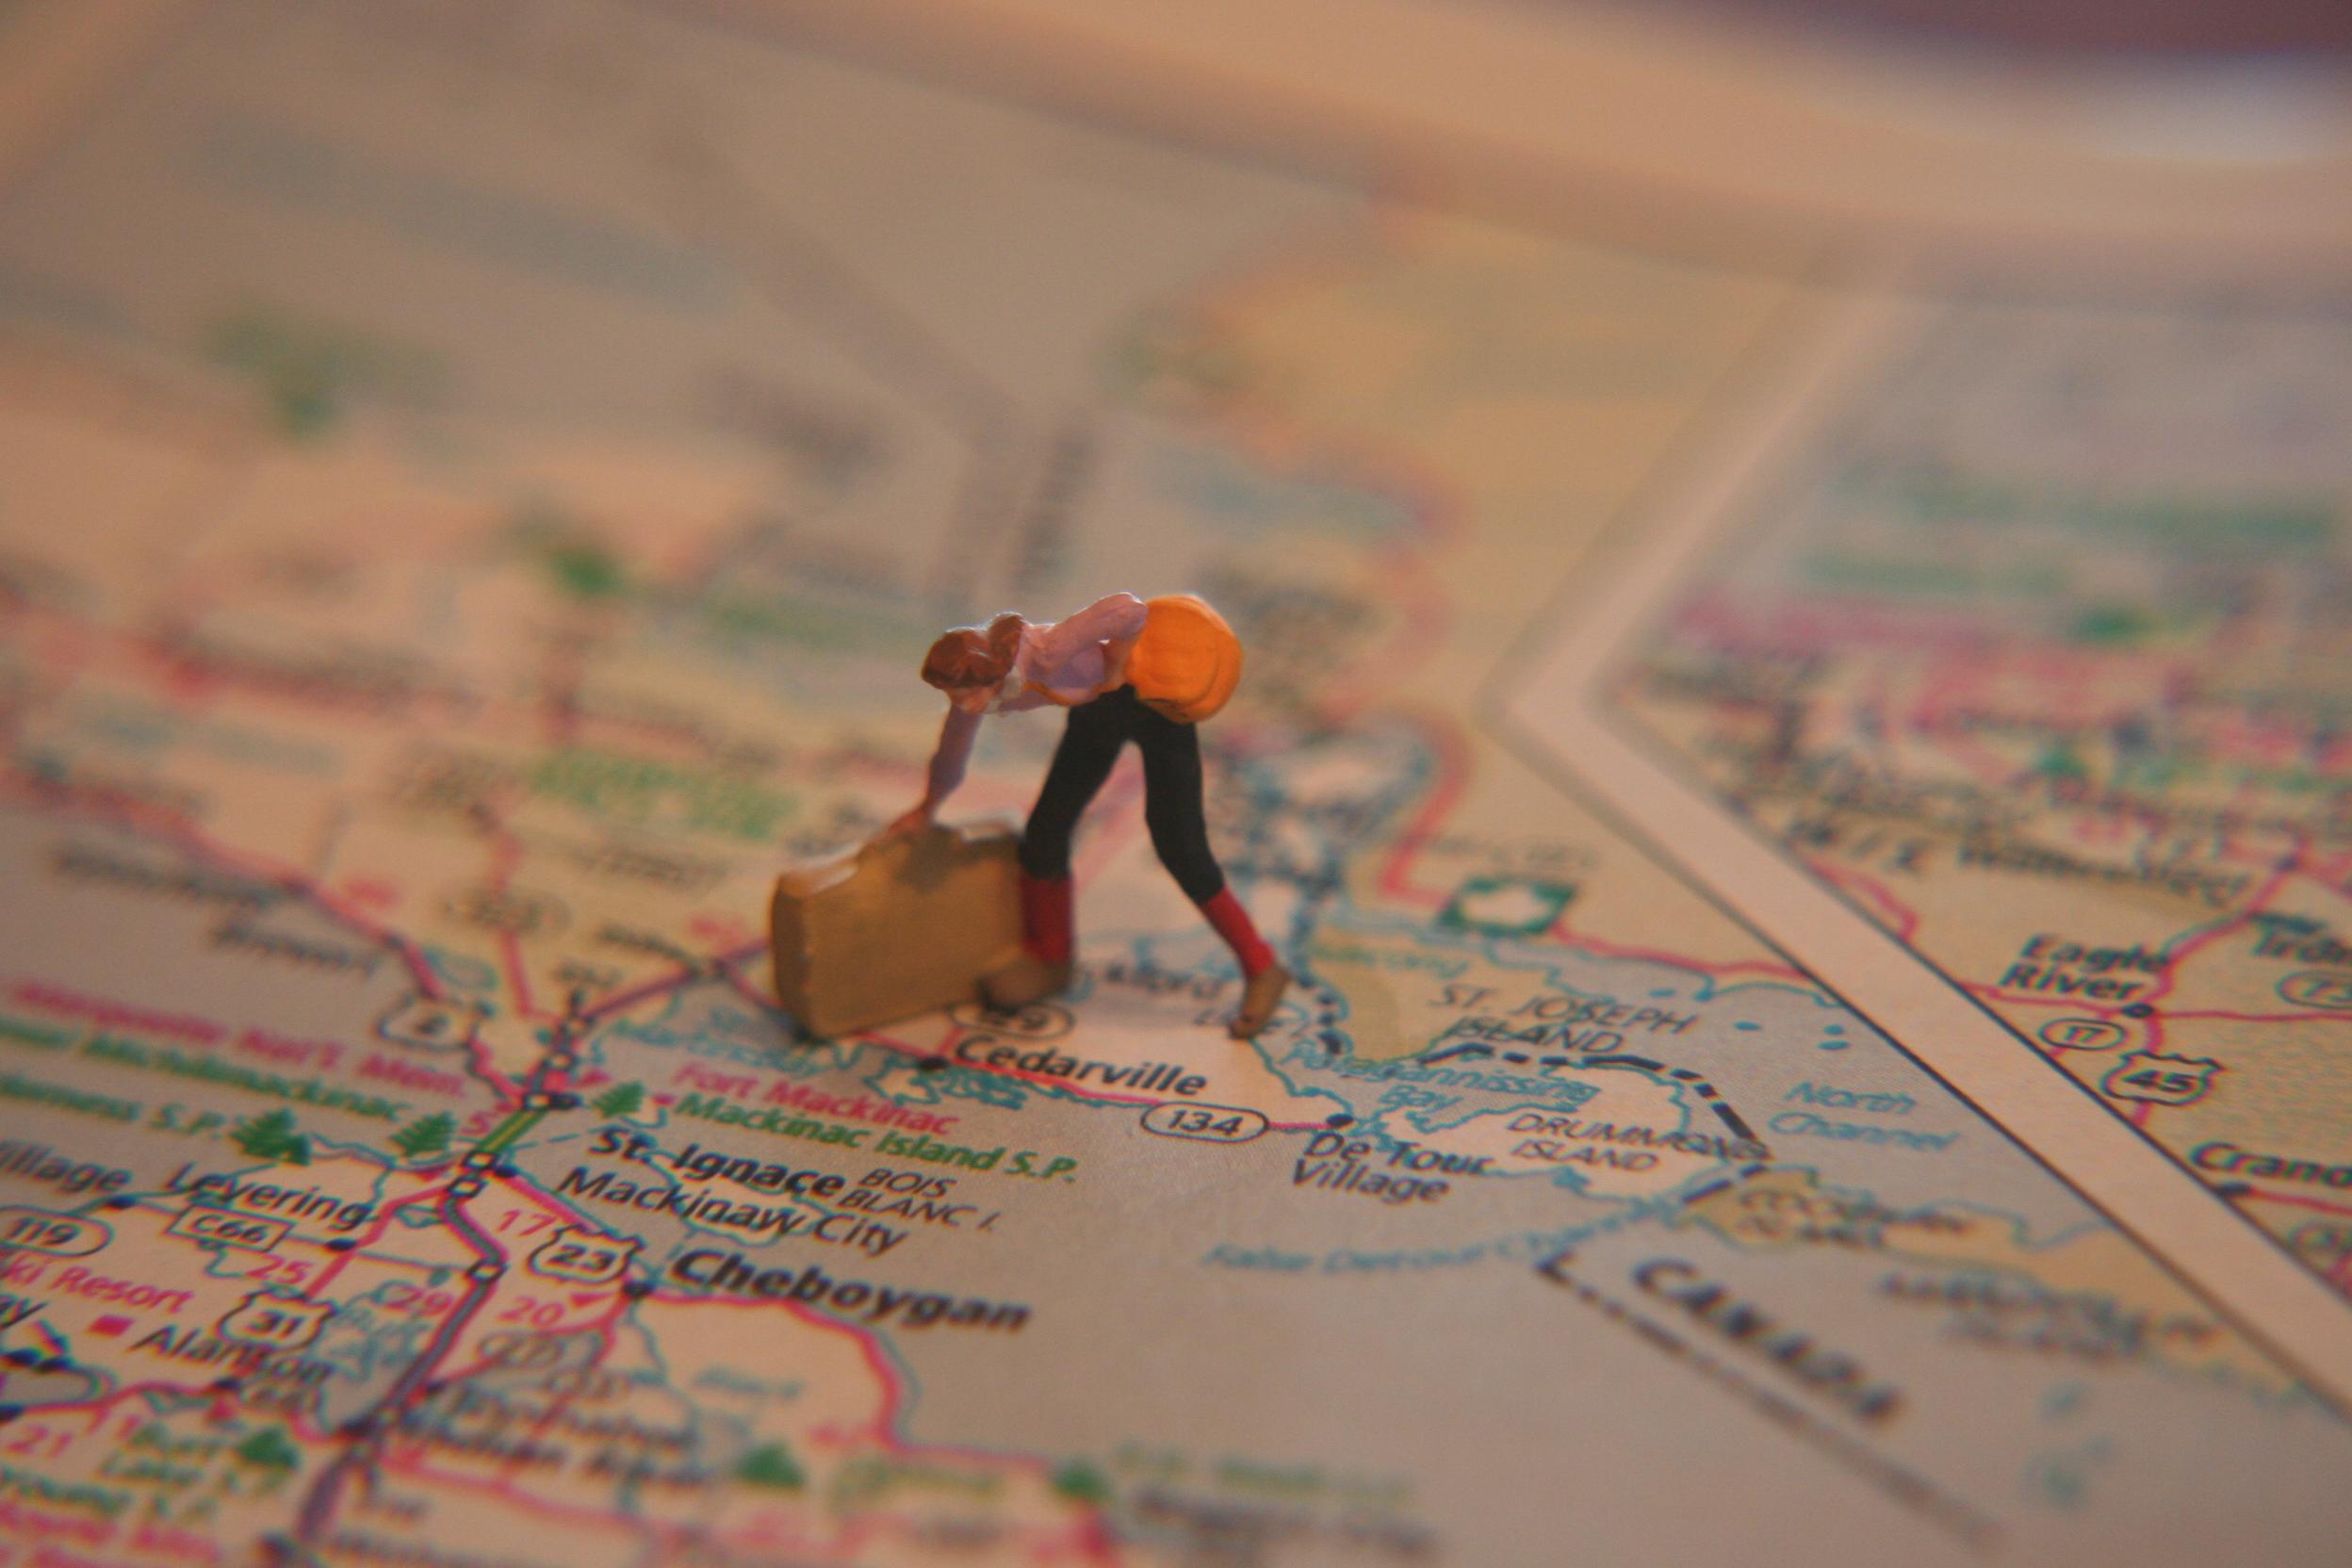 보다 자유로운 여행 계획을 세울 수 있게 해주는 항공여정, 오픈조(Open jaw)